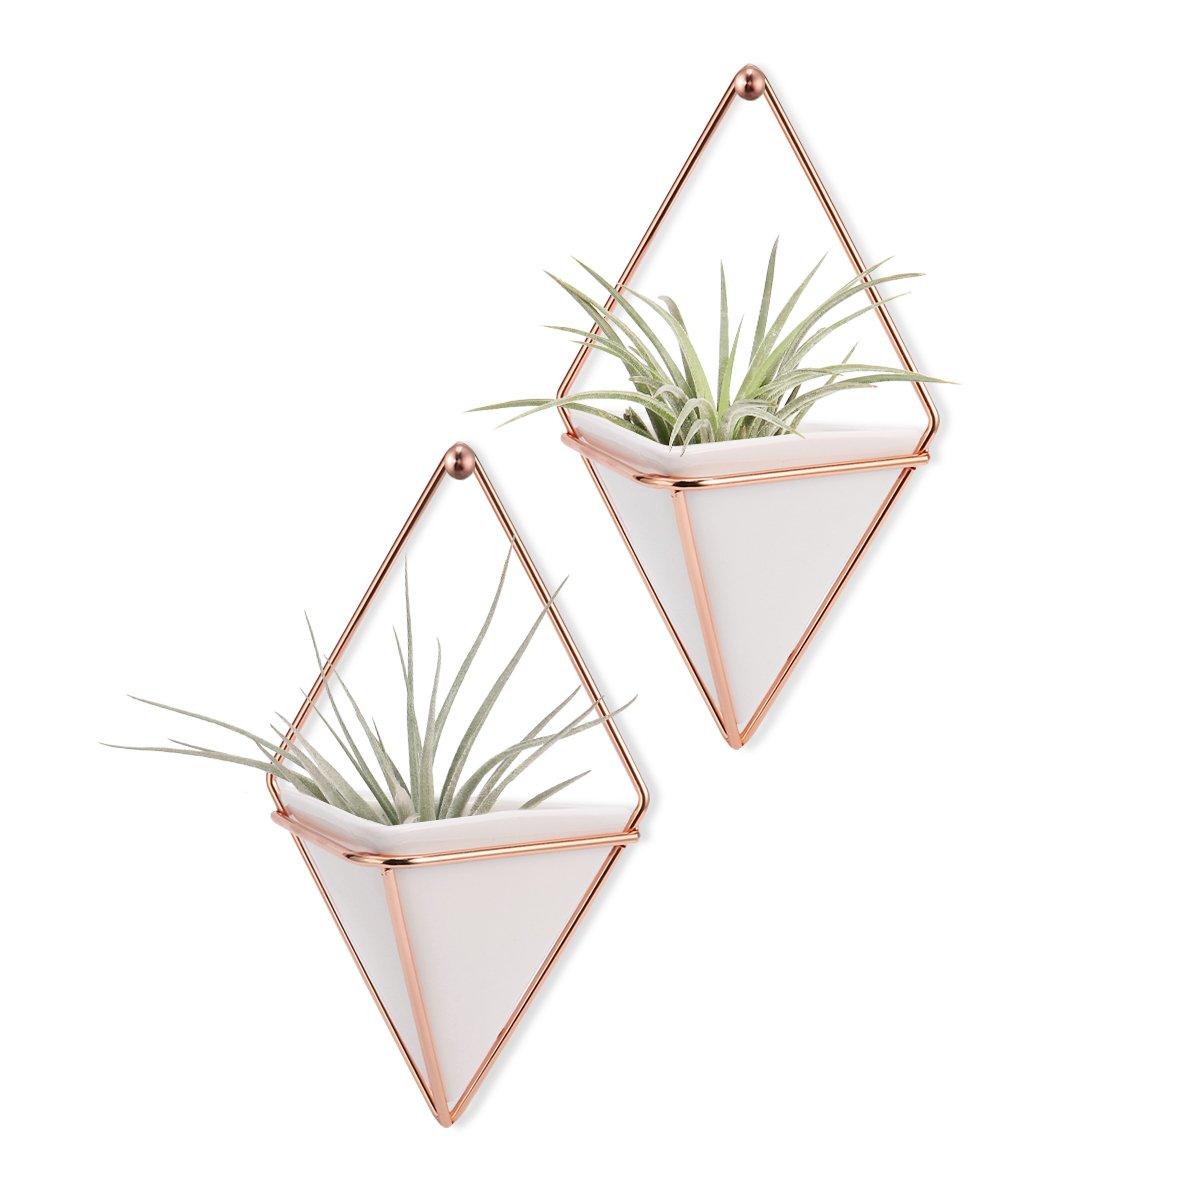 Hanging Vase,LANMU Air Plants Pots,Hanging Wall Decor,Plant Holder,Hanging Plant for Air Plants/Succulents/Cactus Plants/Office Plants/Artificial Plant -2 Pack by LANMU